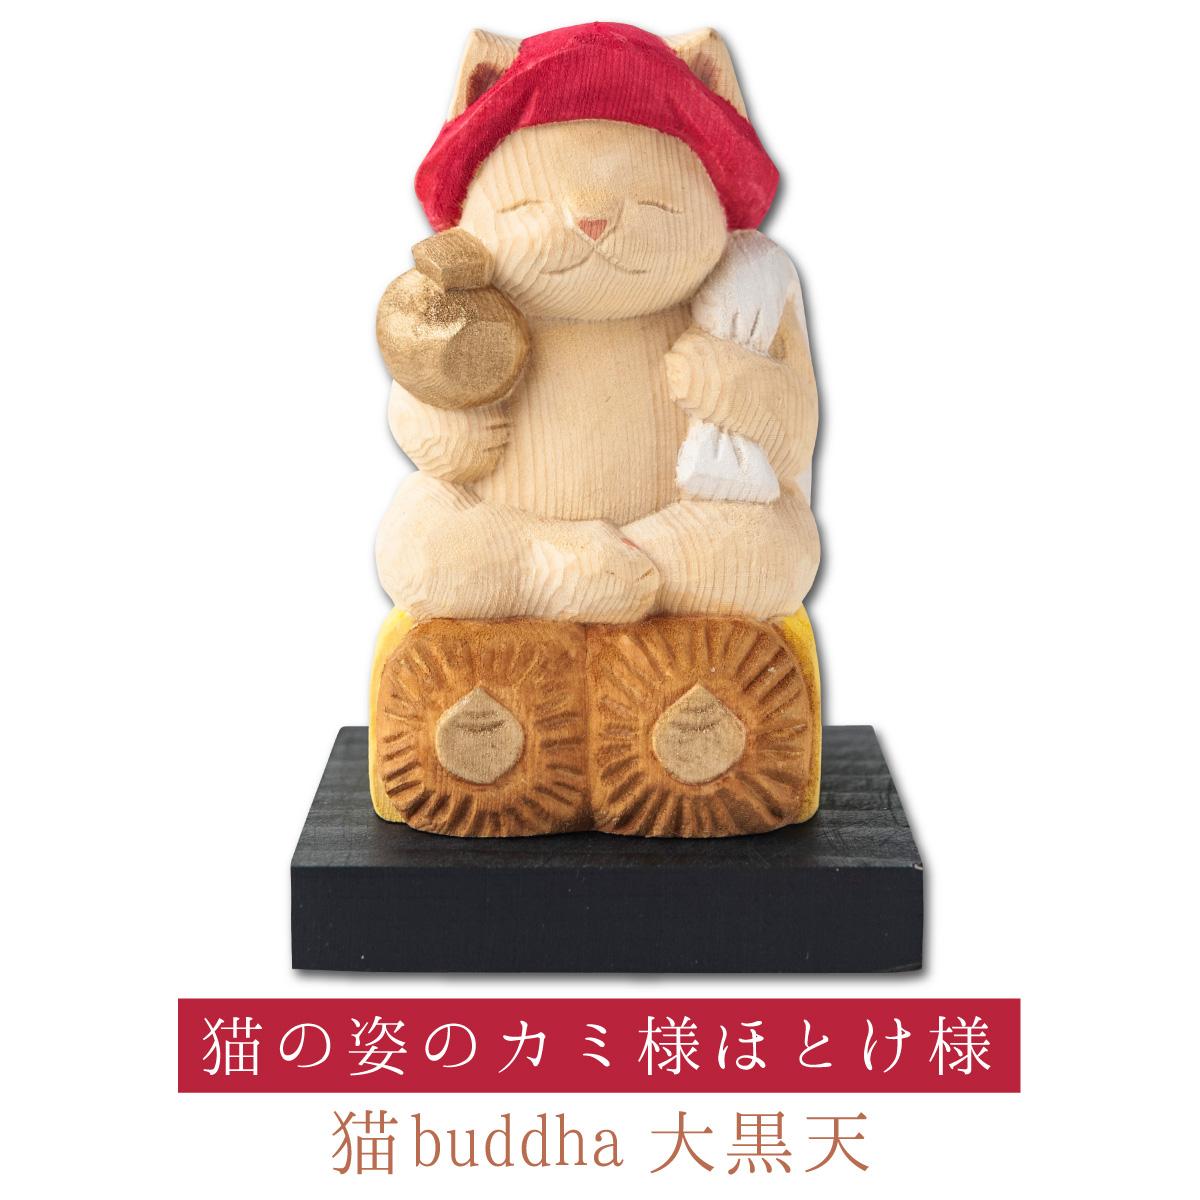 猫buddha 大黒天[財運招くにゃ!] ≫ にゃんブッダ!癒される猫姿の神さま仏さま。仏屋さかい原型、監修。すべて木彫りで作っちゃいました♪ 仏像 木彫り 置物 猫 ねこ